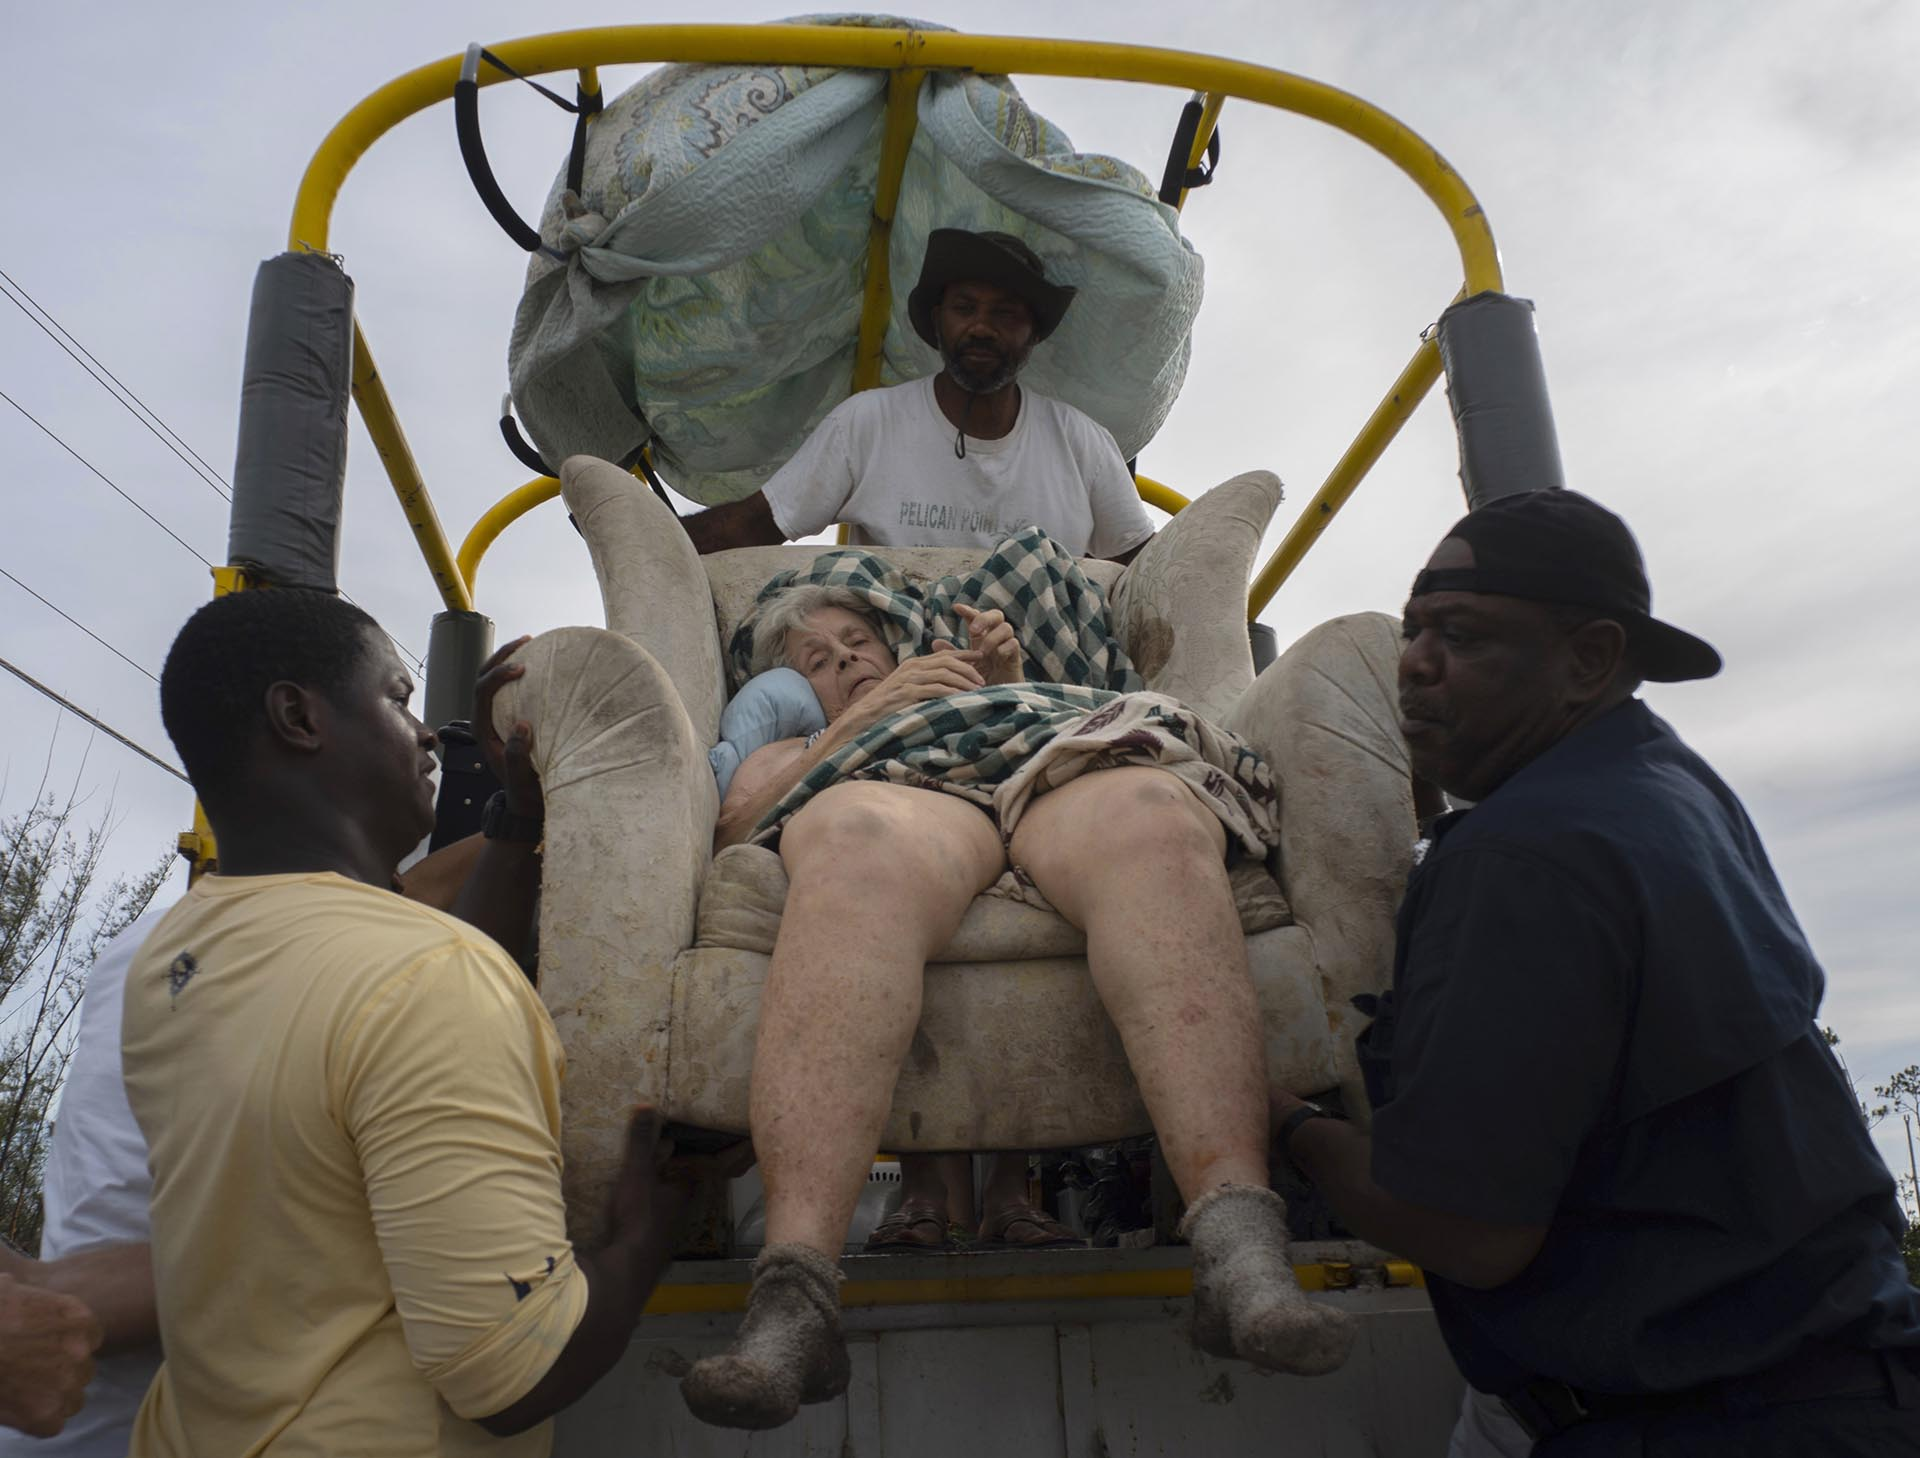 Sentada ensusofá, Virginia Mosvold, de 84 años, es bajada de un camión por voluntarios después de ser rescatada de su casa inundada en la granja de Ol 'Freetown Farm después del huracán Dorian antes de ser llevada al hospital en las afueras de Freeport, Bahamas el m iércoles 4 de septiembre de 2019